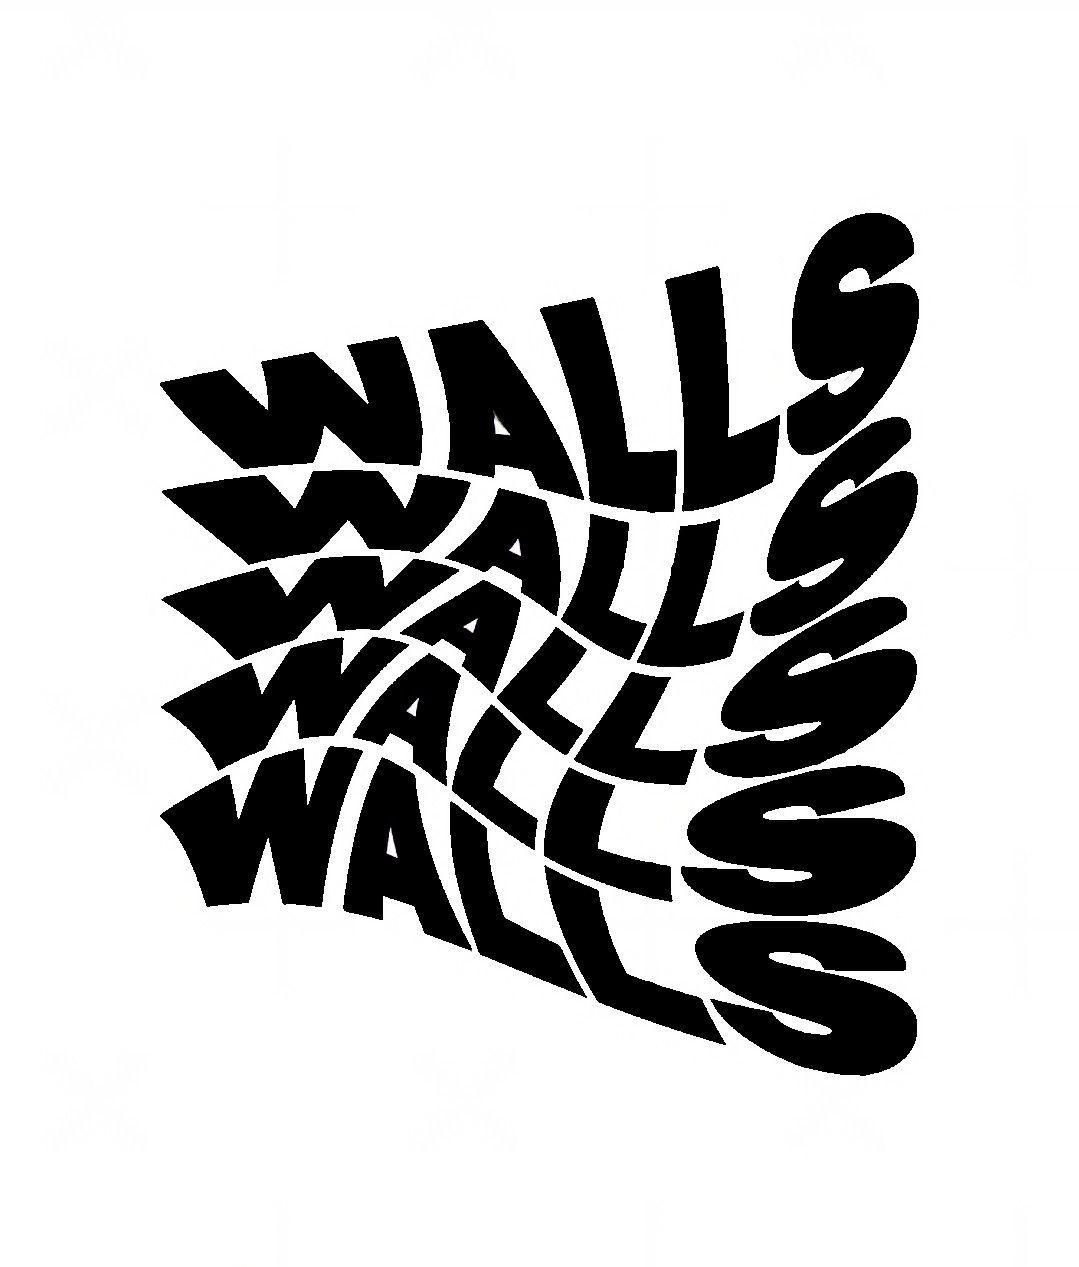 Louis Tomlinson Walls Logo 3 En 2021 Fondo De Pantalla De Harry Styles Imagenes De Harry Styles Escudo De Hogwarts